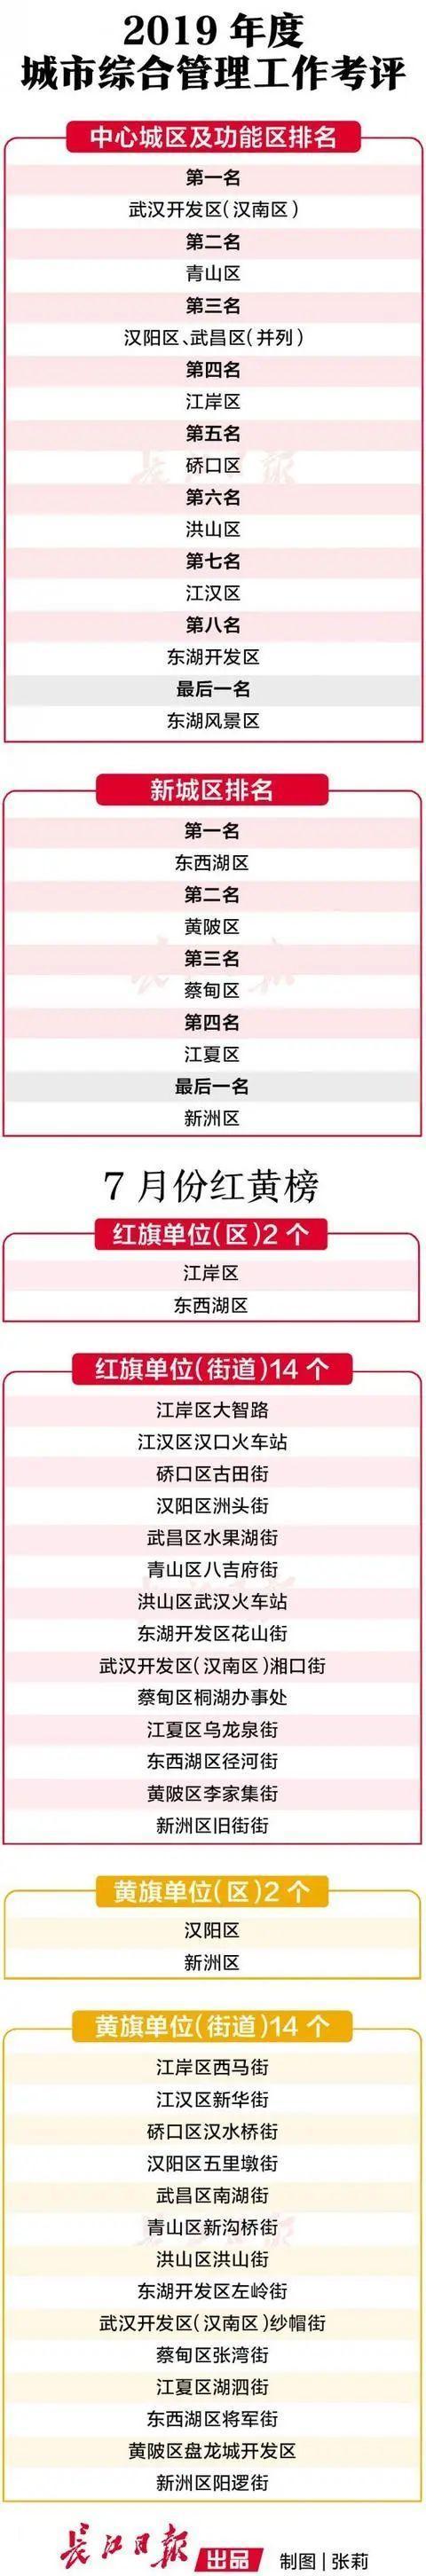 """关心 武汉市""""大成县管""""发布今年度评定及7月份流动性红黄旗 第2张"""